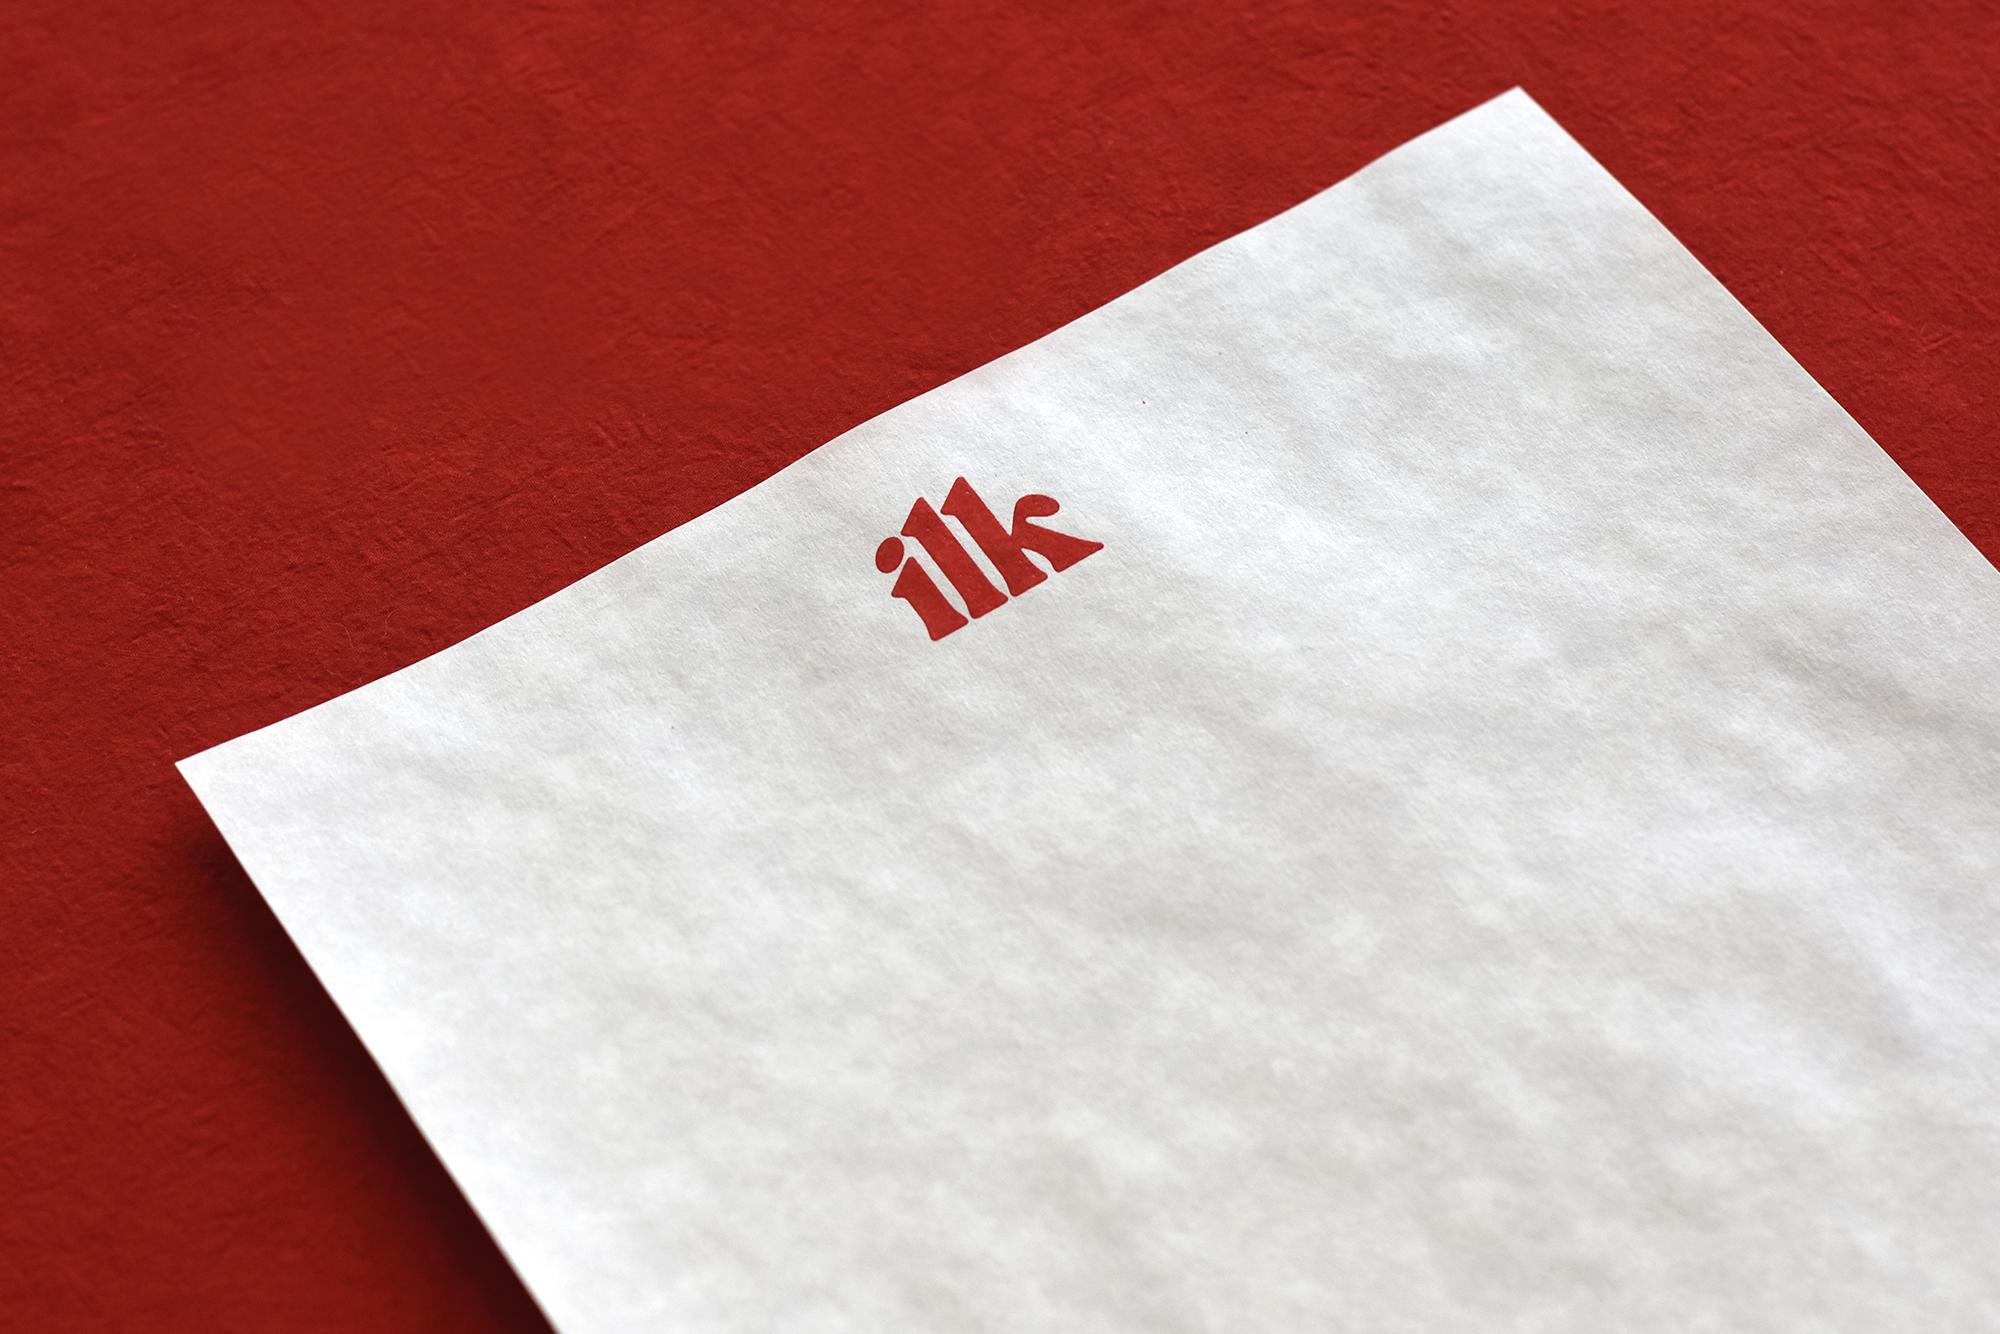 Cover image: ilk – Print